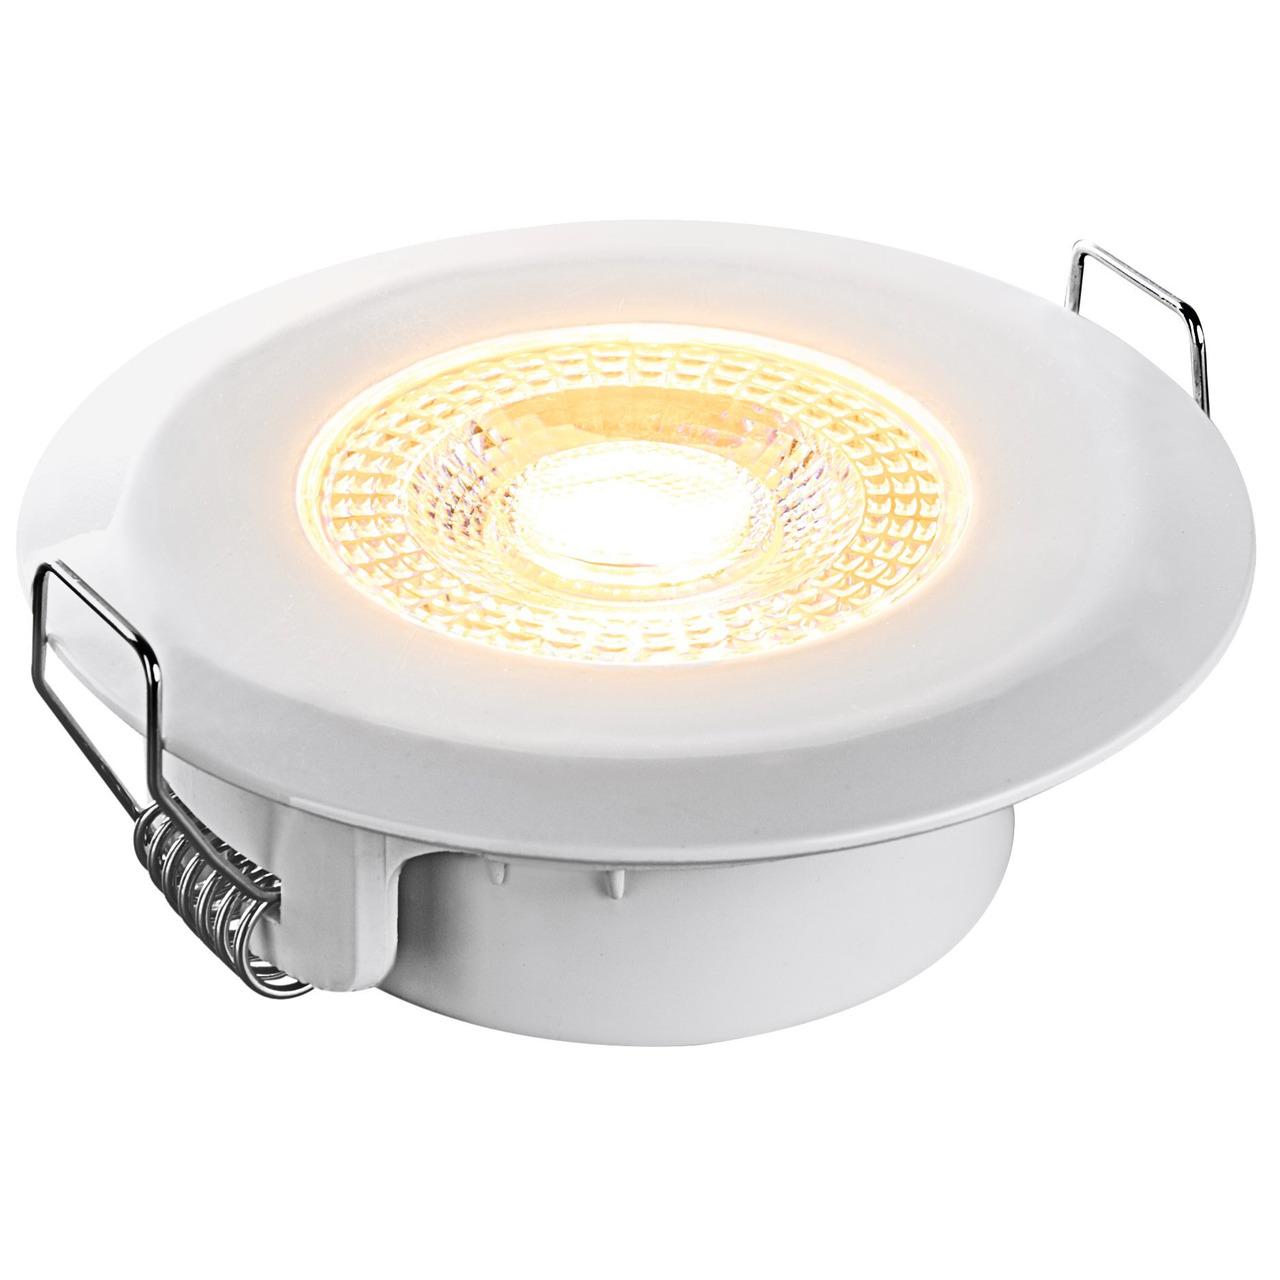 HEITRONIC 5-W-LED-Einbaustrahler DL7202- rund- weiss- dimmbar per Lichtschalter- IP44